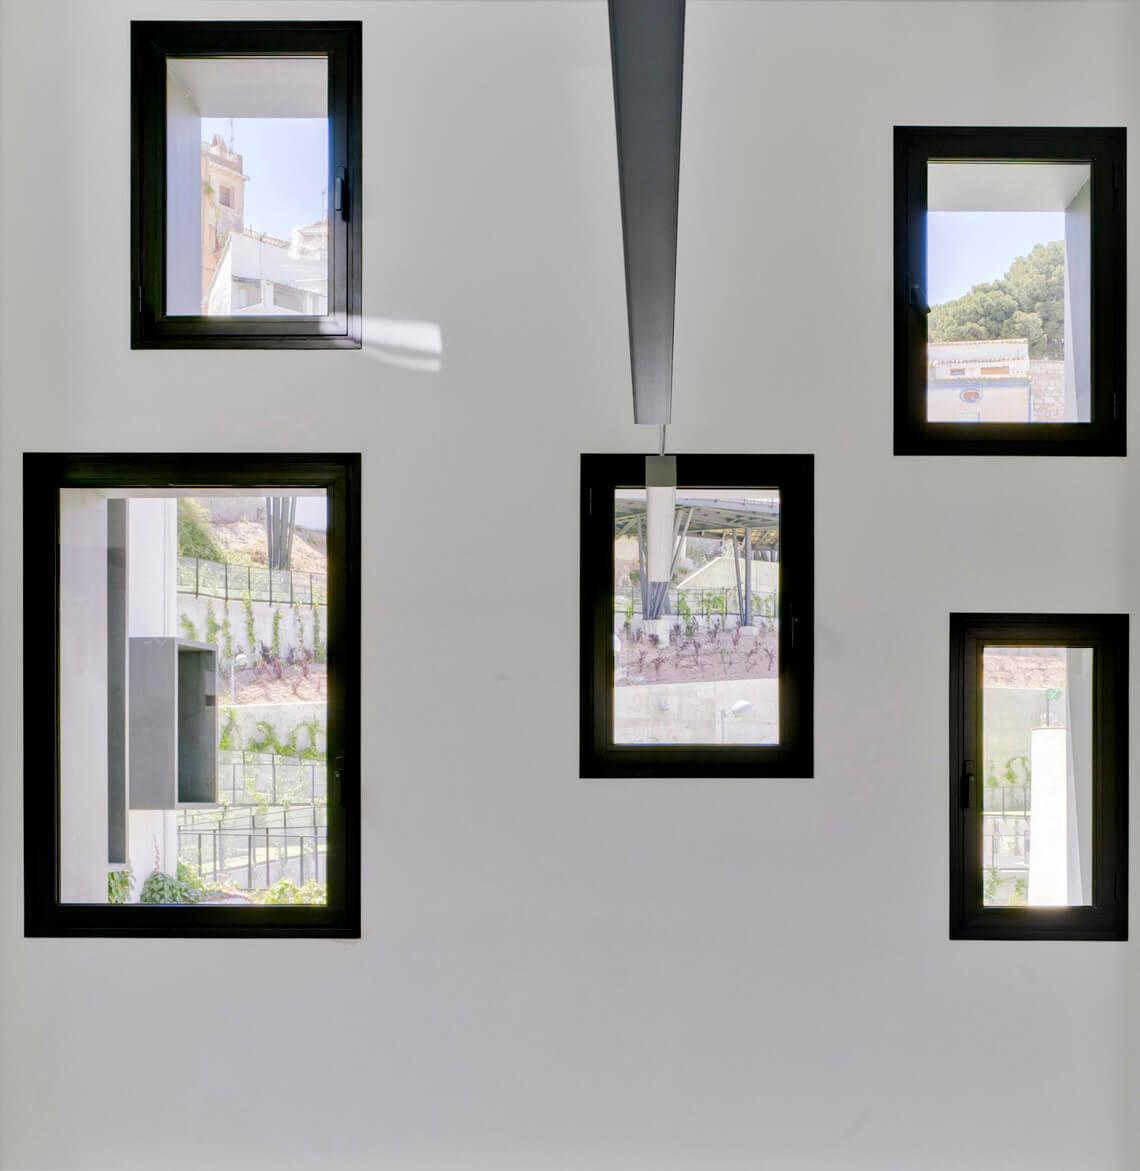 Vistas a través de las ventanas del CPEC, Cehegín, Murcia